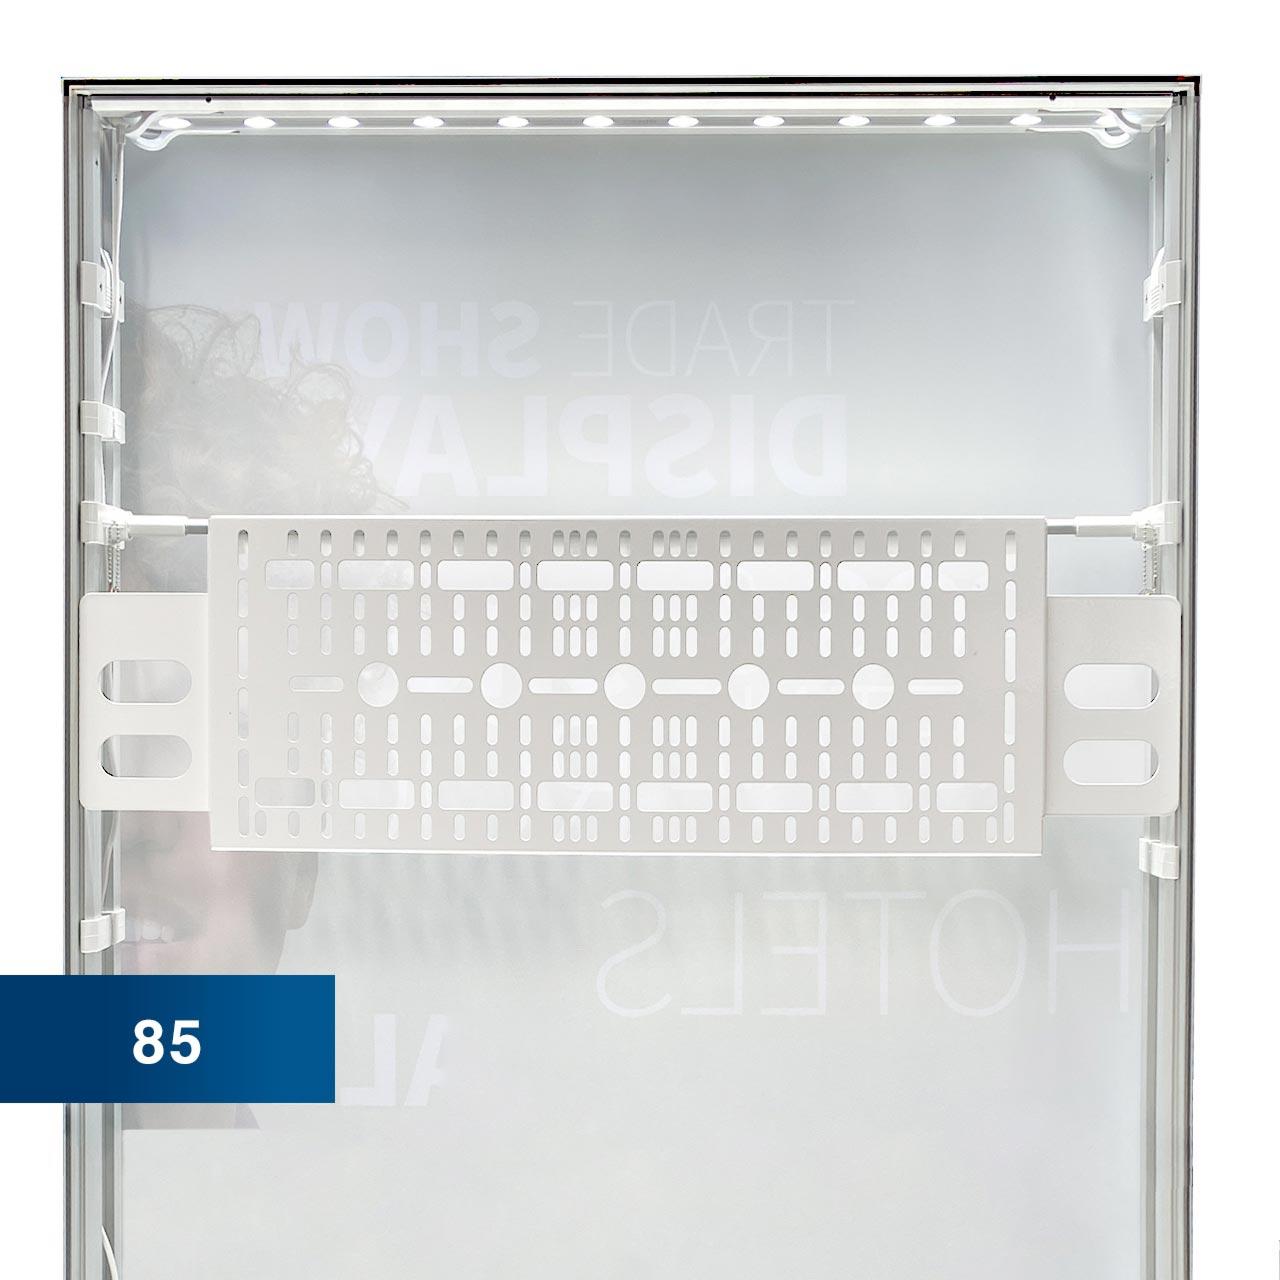 Monitorhalterung für Mobile Light Box 85 – der mobile Leuchtkasten